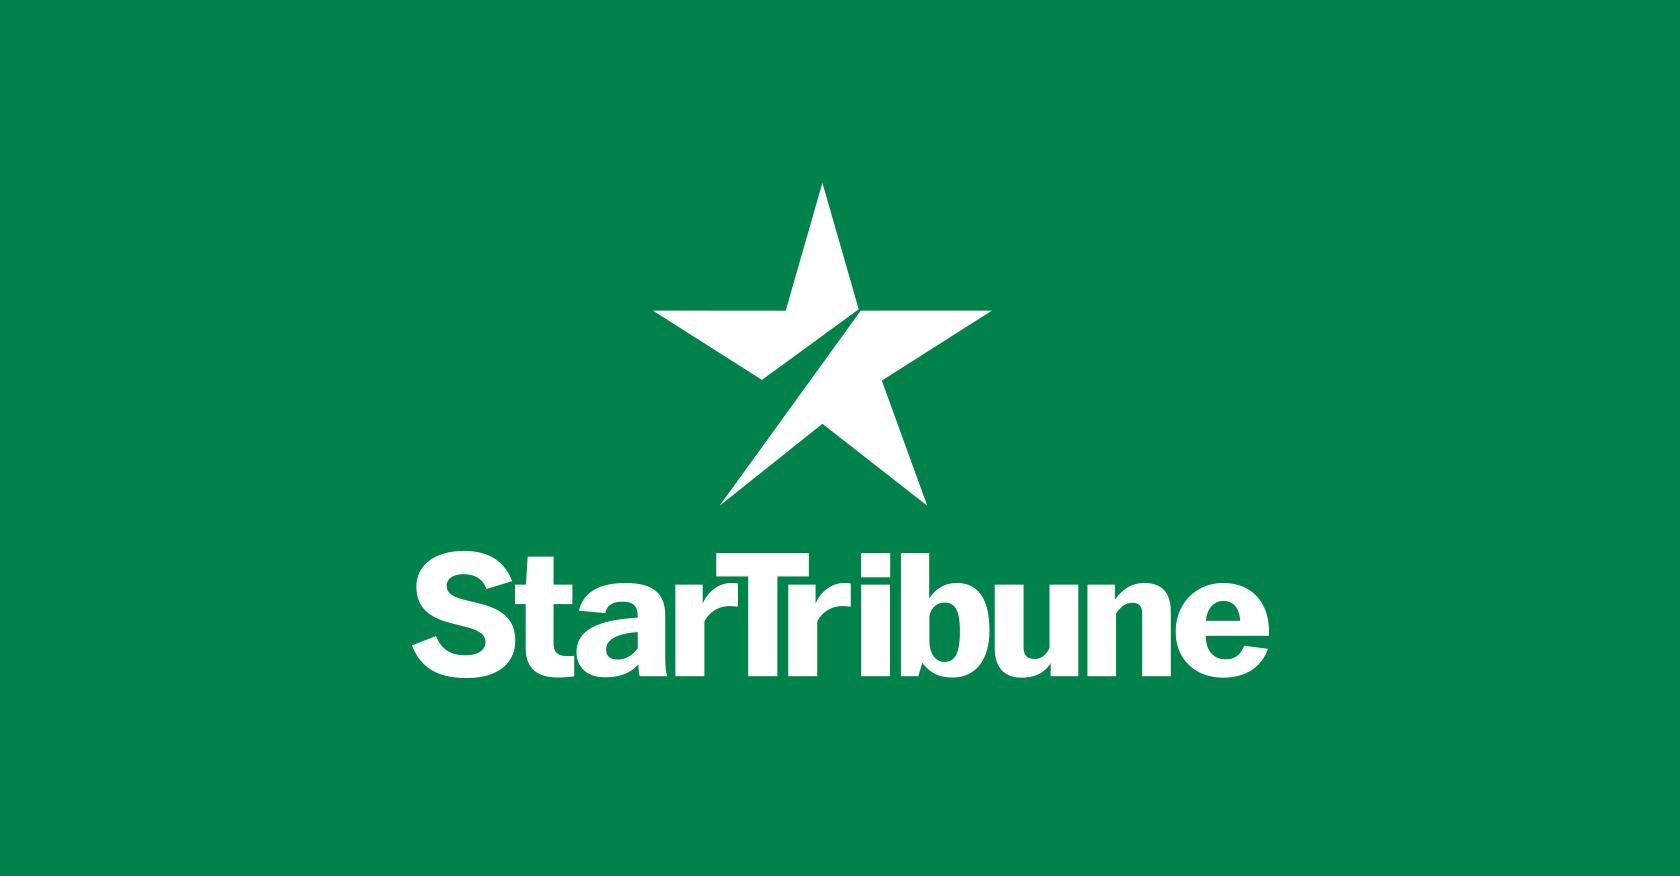 Harris to tour UW-Milwaukee clean water lab - Minneapolis Star Tribune